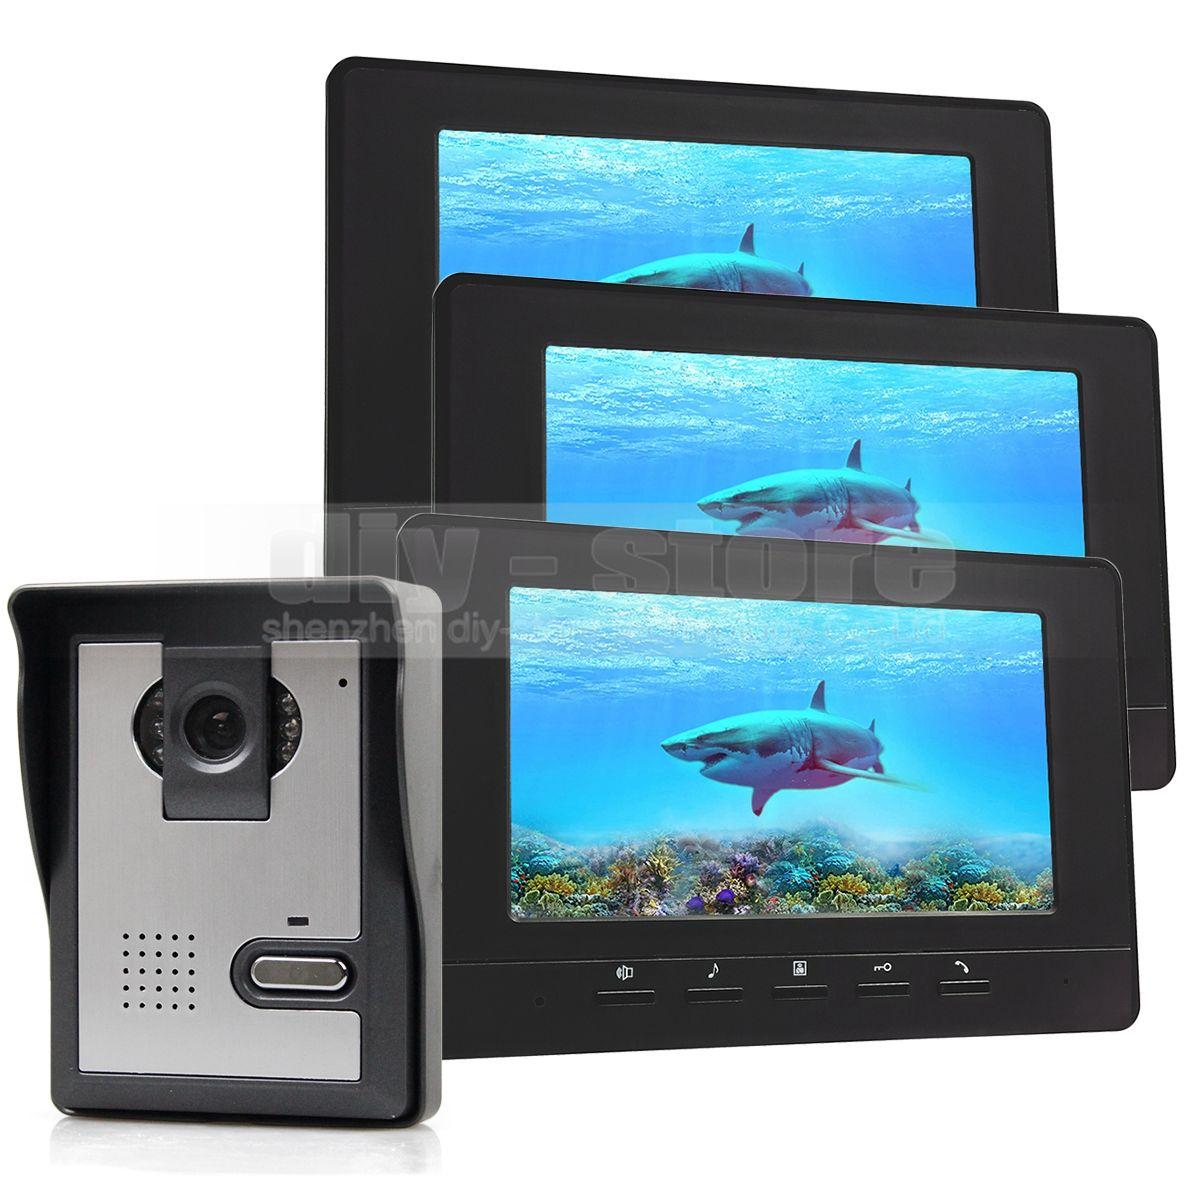 7inch Video Intercom Video Türsprechanlage Türklingel IR Nachtsicht Kamera 3 Monitore 800 x 480 Schwarz